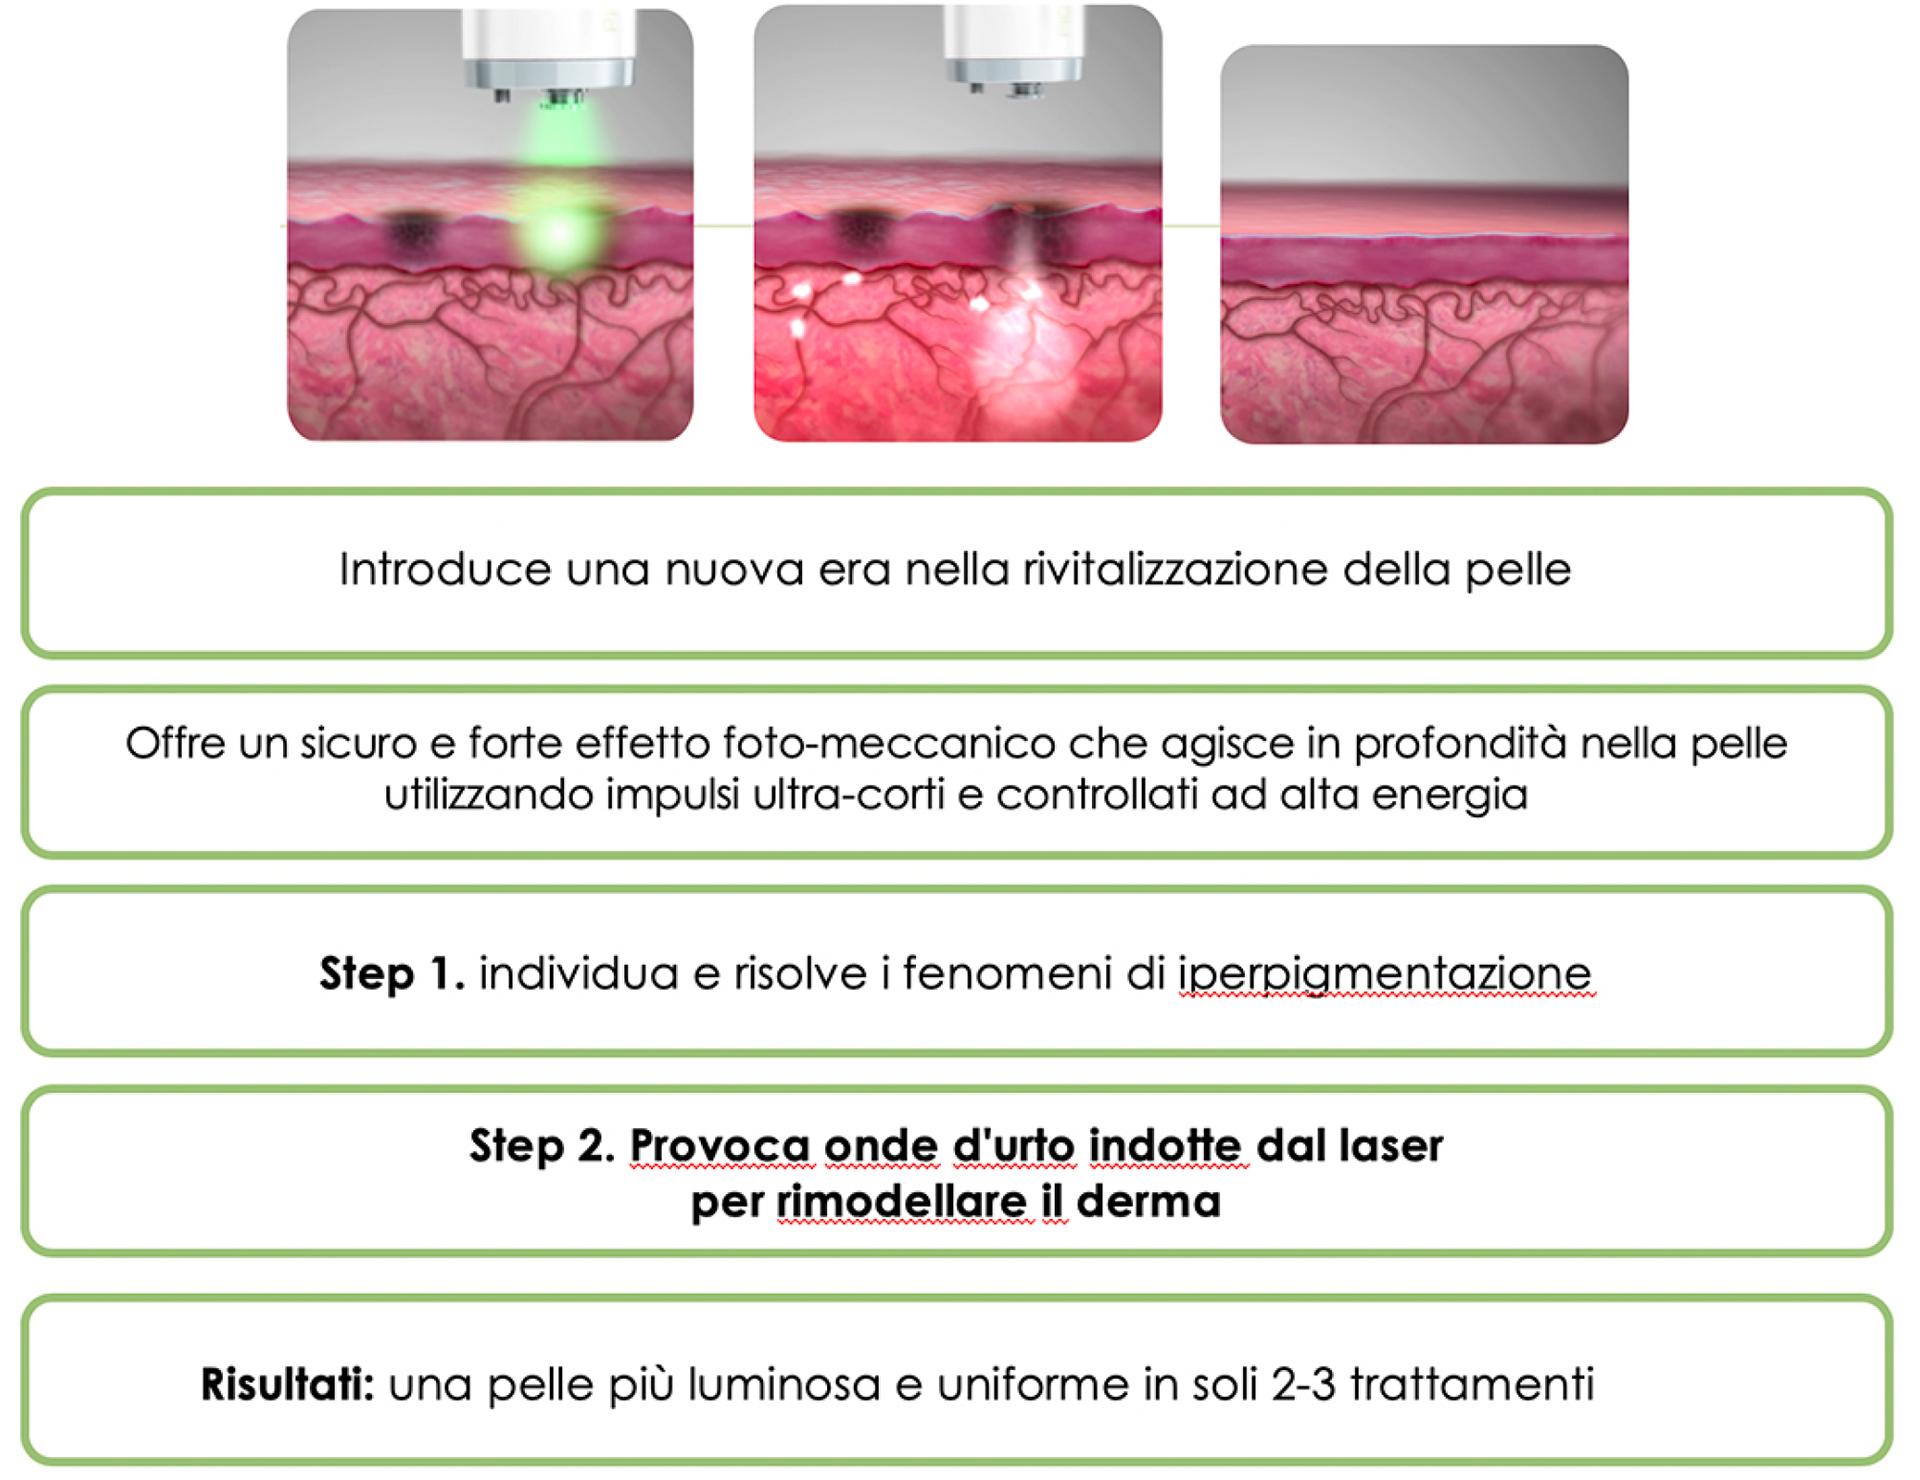 Laser PICO GENESIS FX efficacia